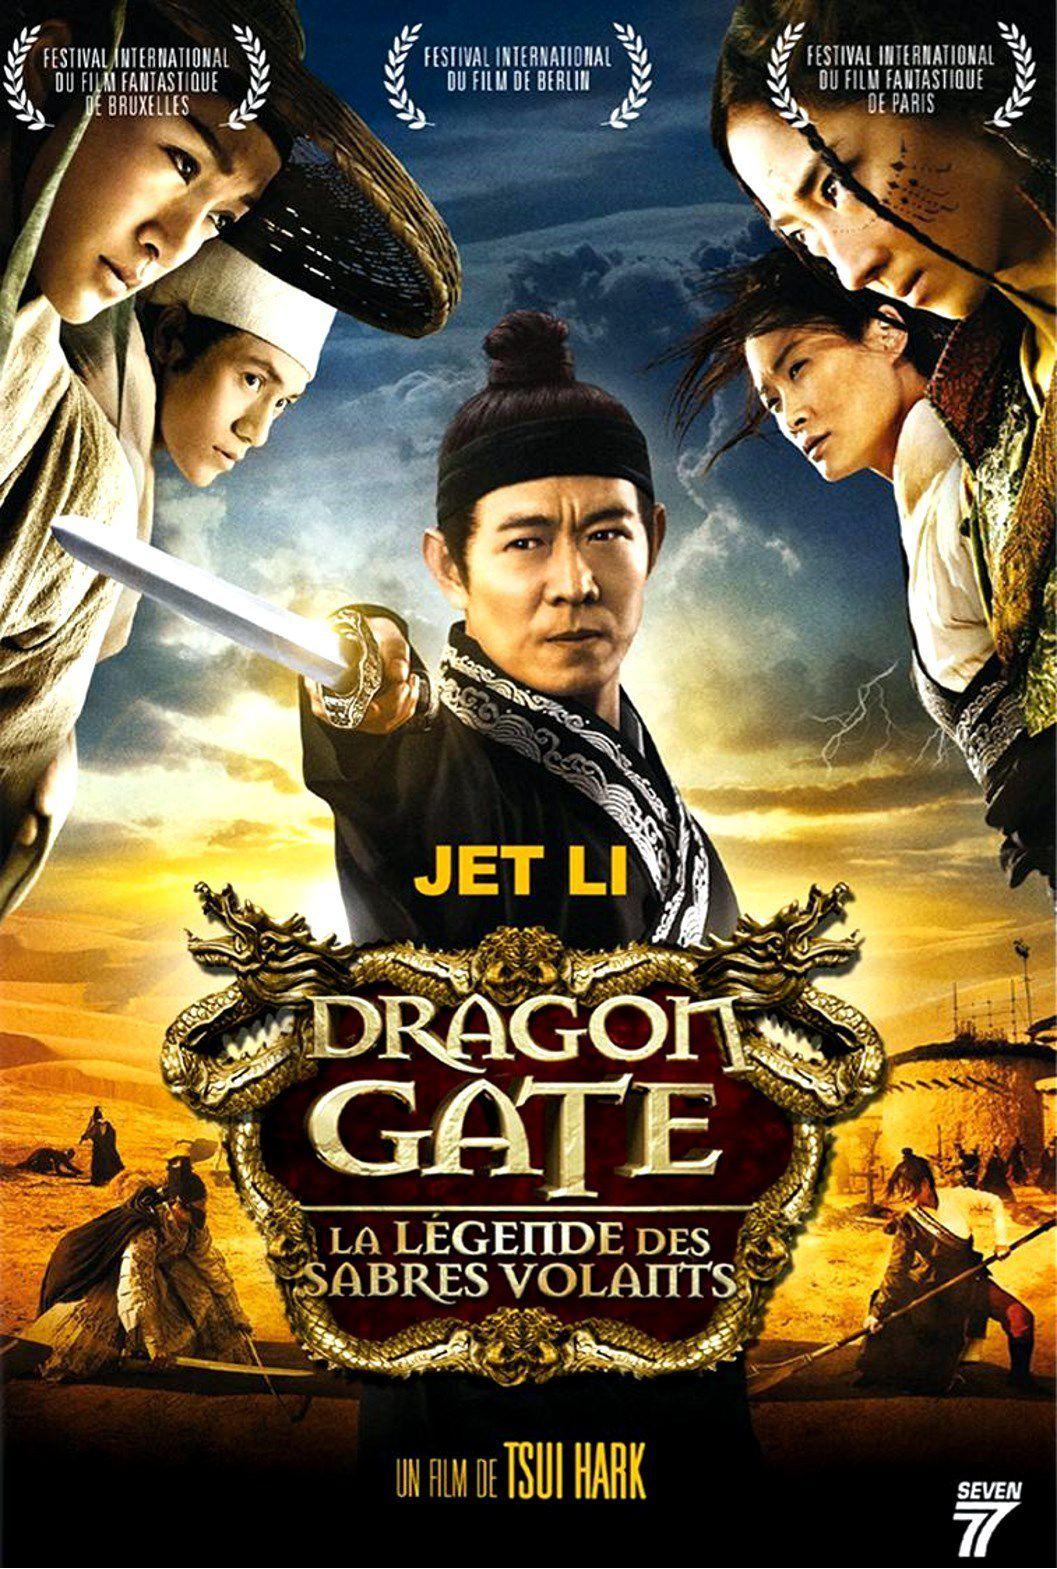 Dragon Gate - La Légende des sabres volants - Film (2011)